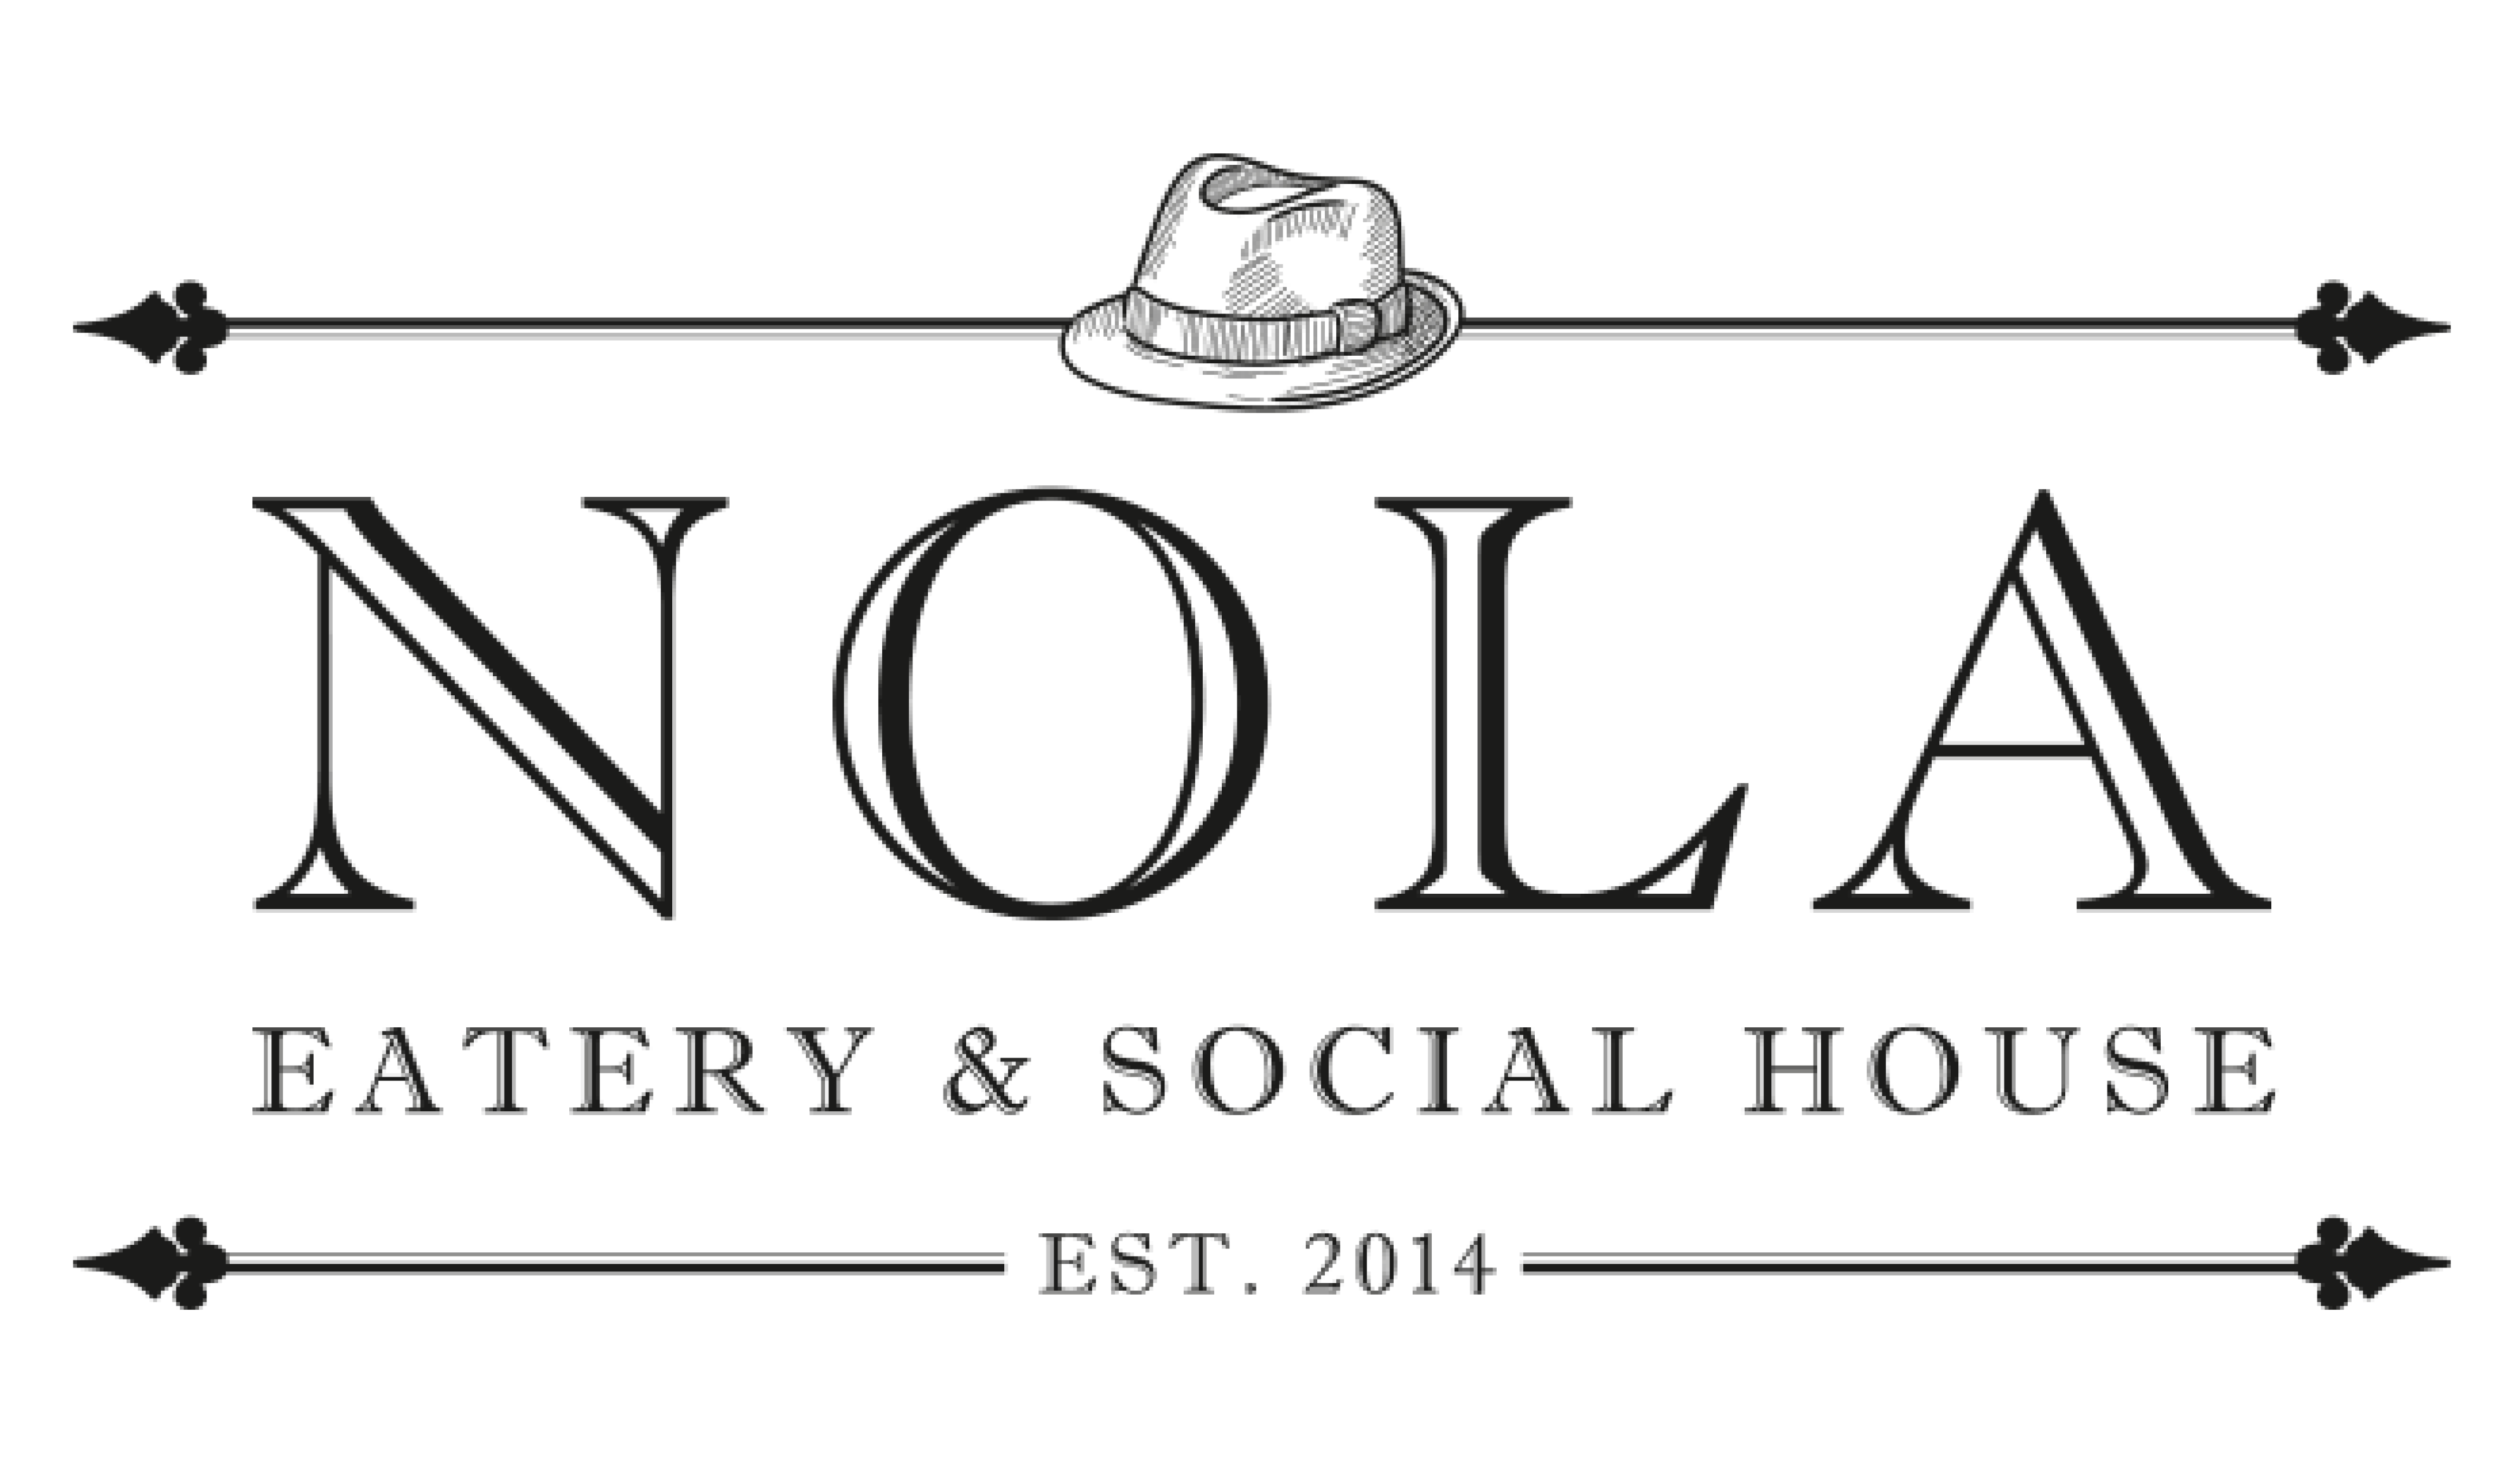 Nola Eatery and Social House Logo (1)